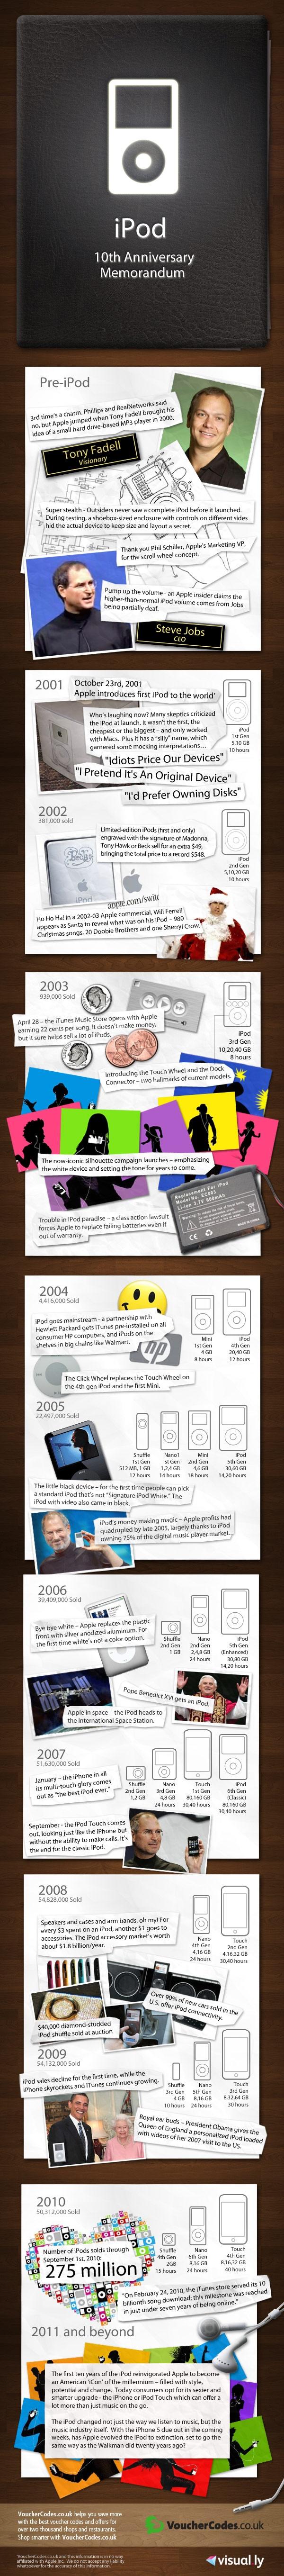 Infográfico de dez anos do iPod